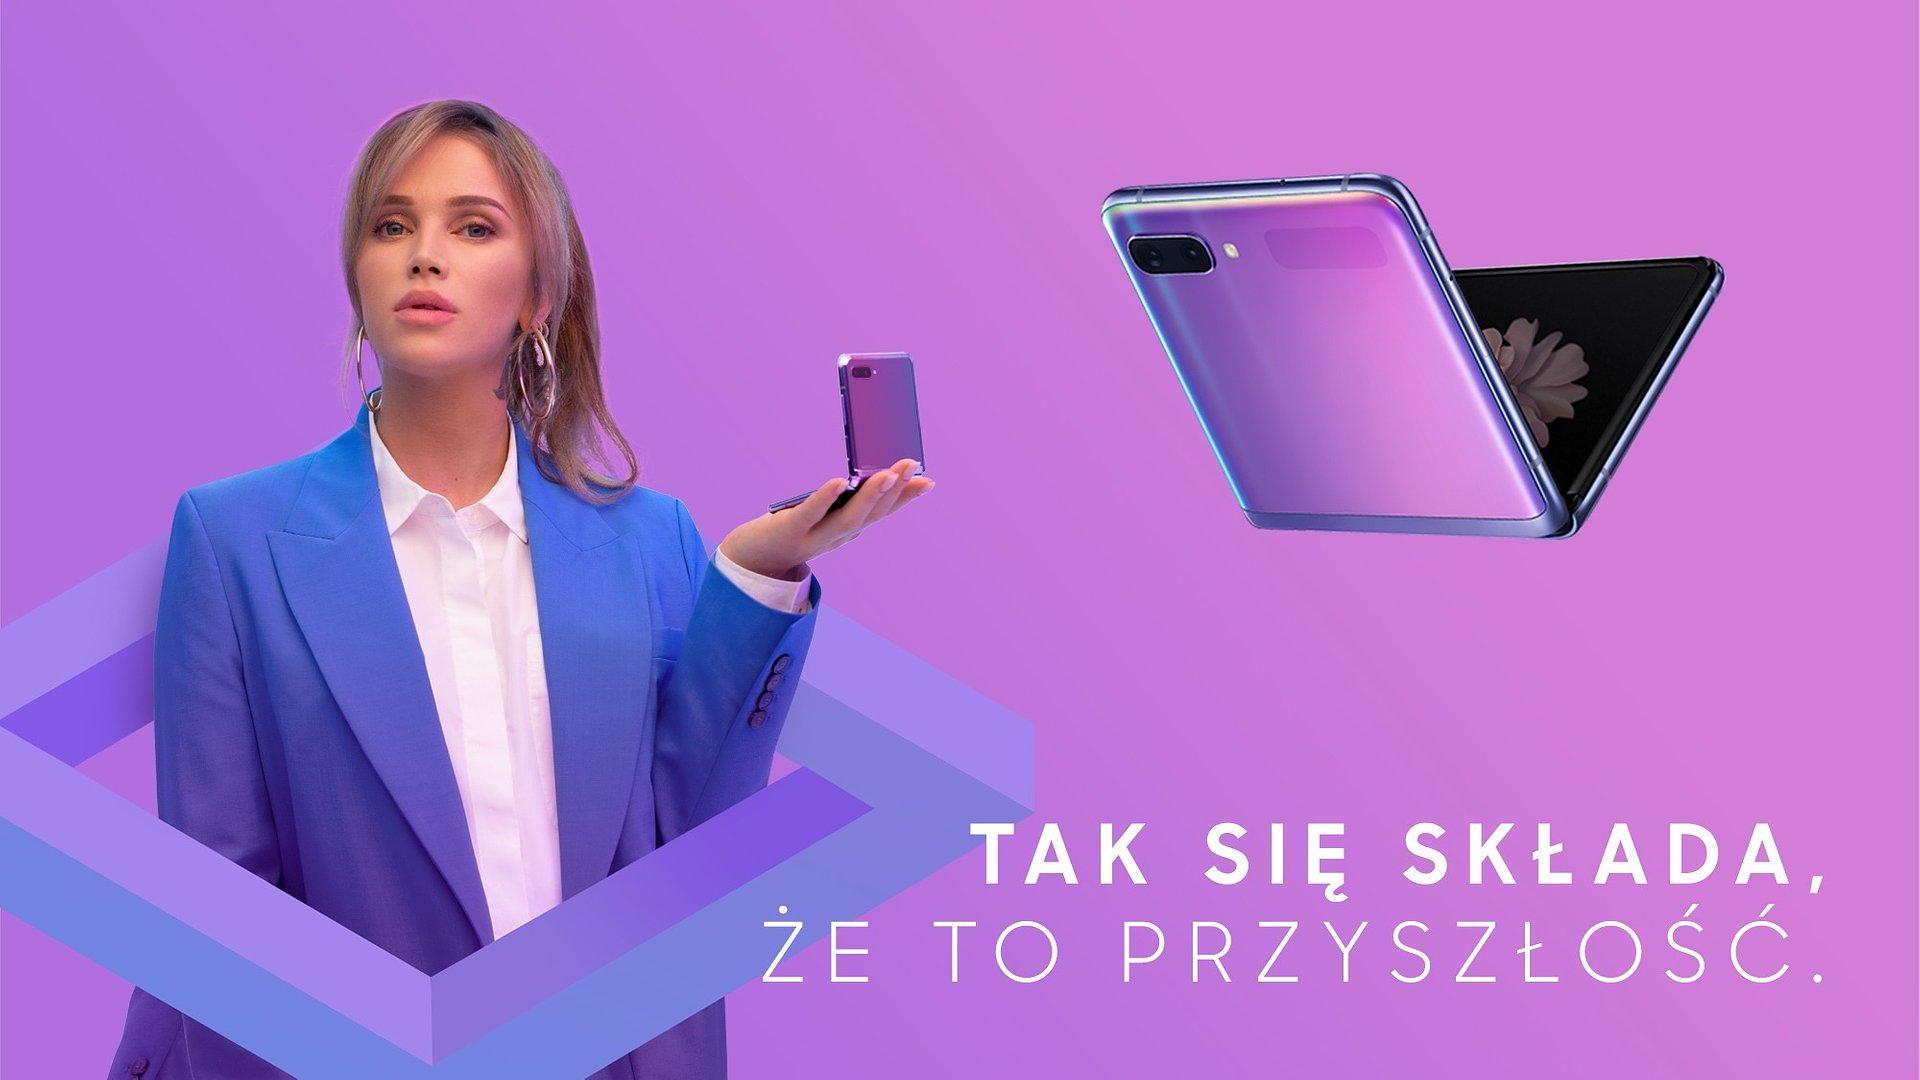 Tak się składa, że to przyszłość – nowa kampania Galaxy Z Flip z Maffashion